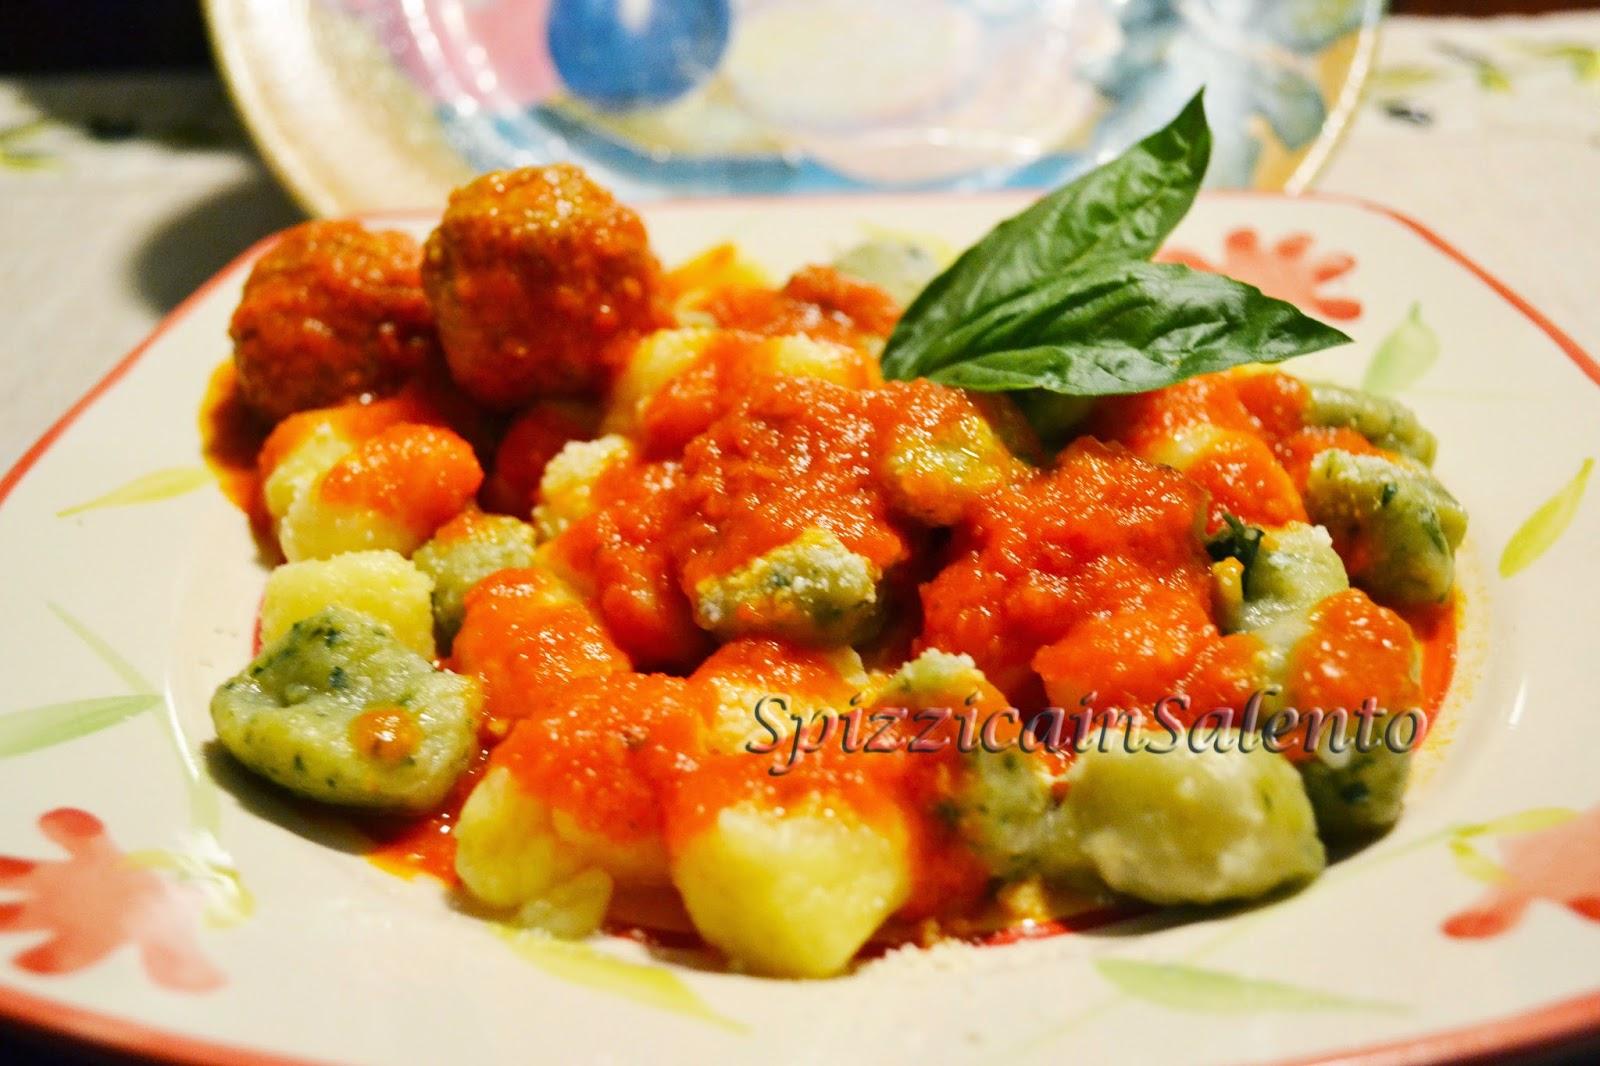 gnocchi di patate al tricolore per tifare italia ai mondiali di calcio 2014